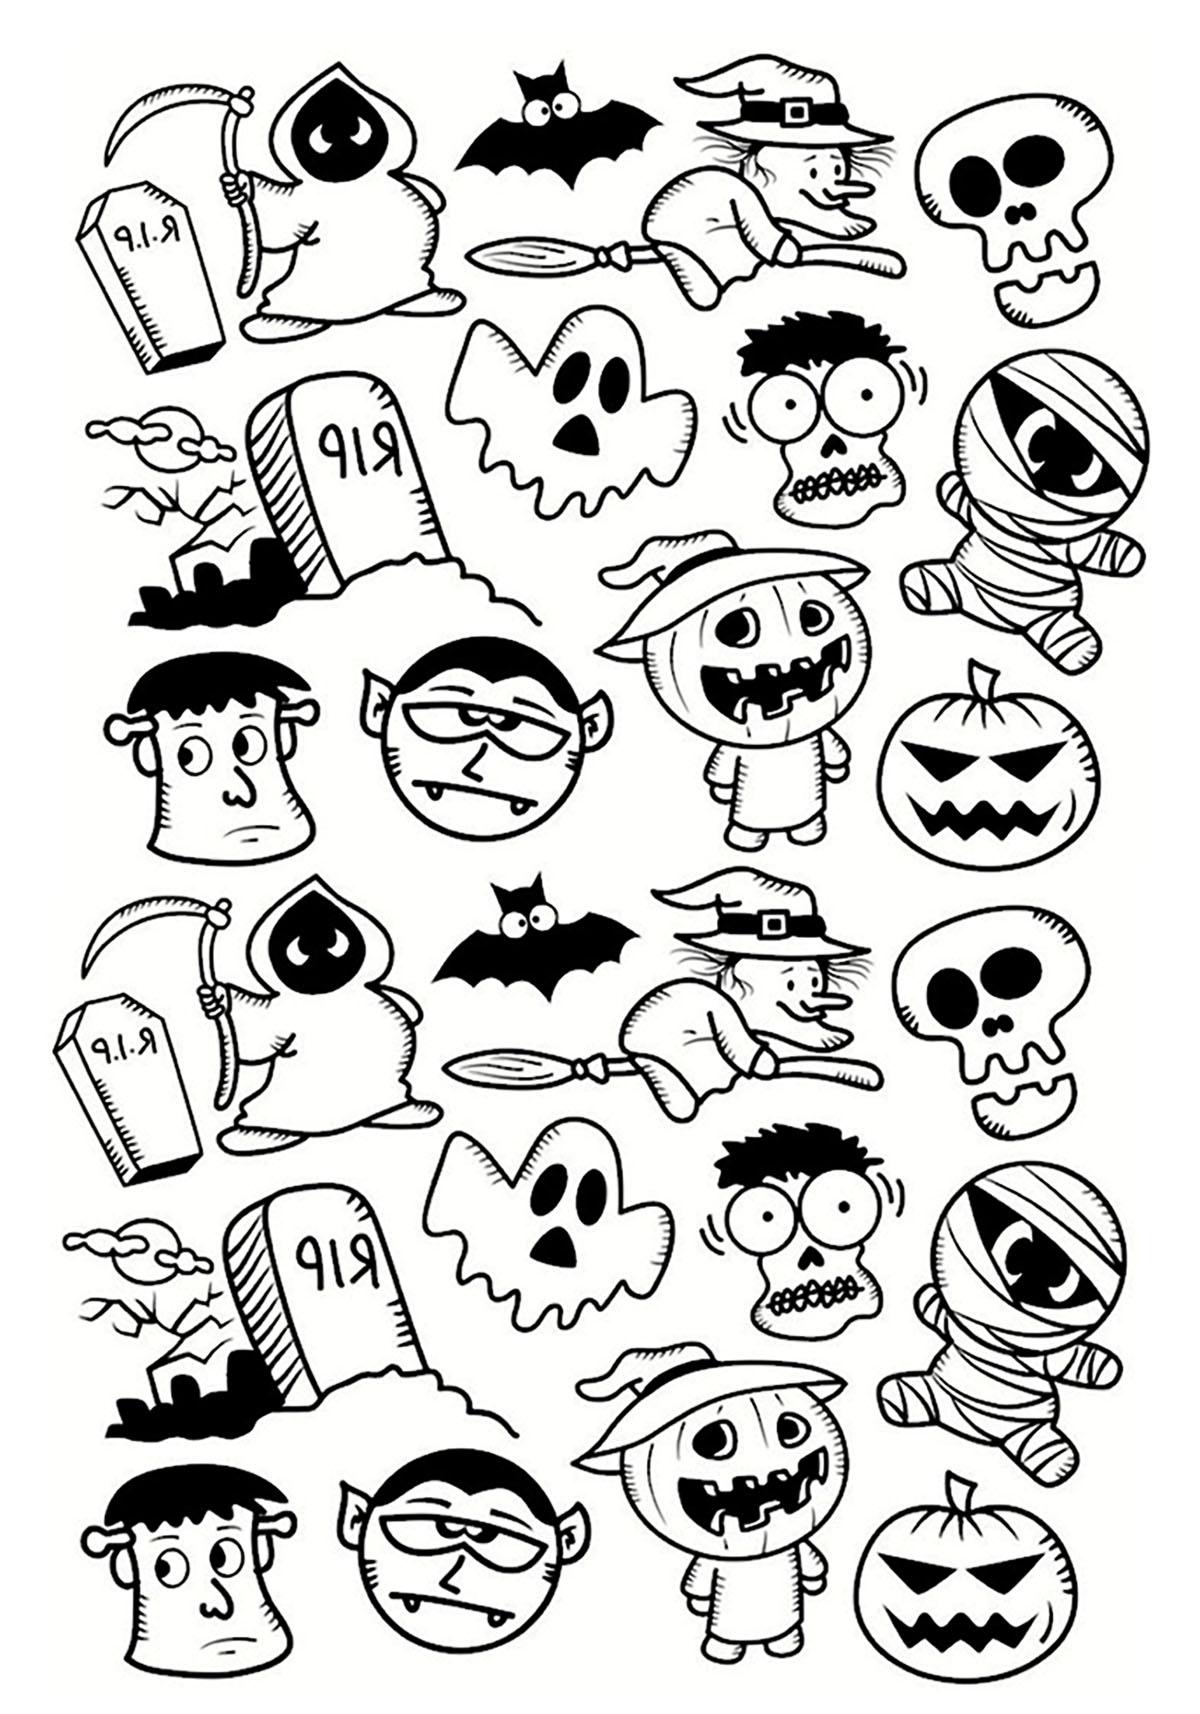 Halloween disegni da colorare per adulti pagina 2 - Pagina da colorare per halloween ...